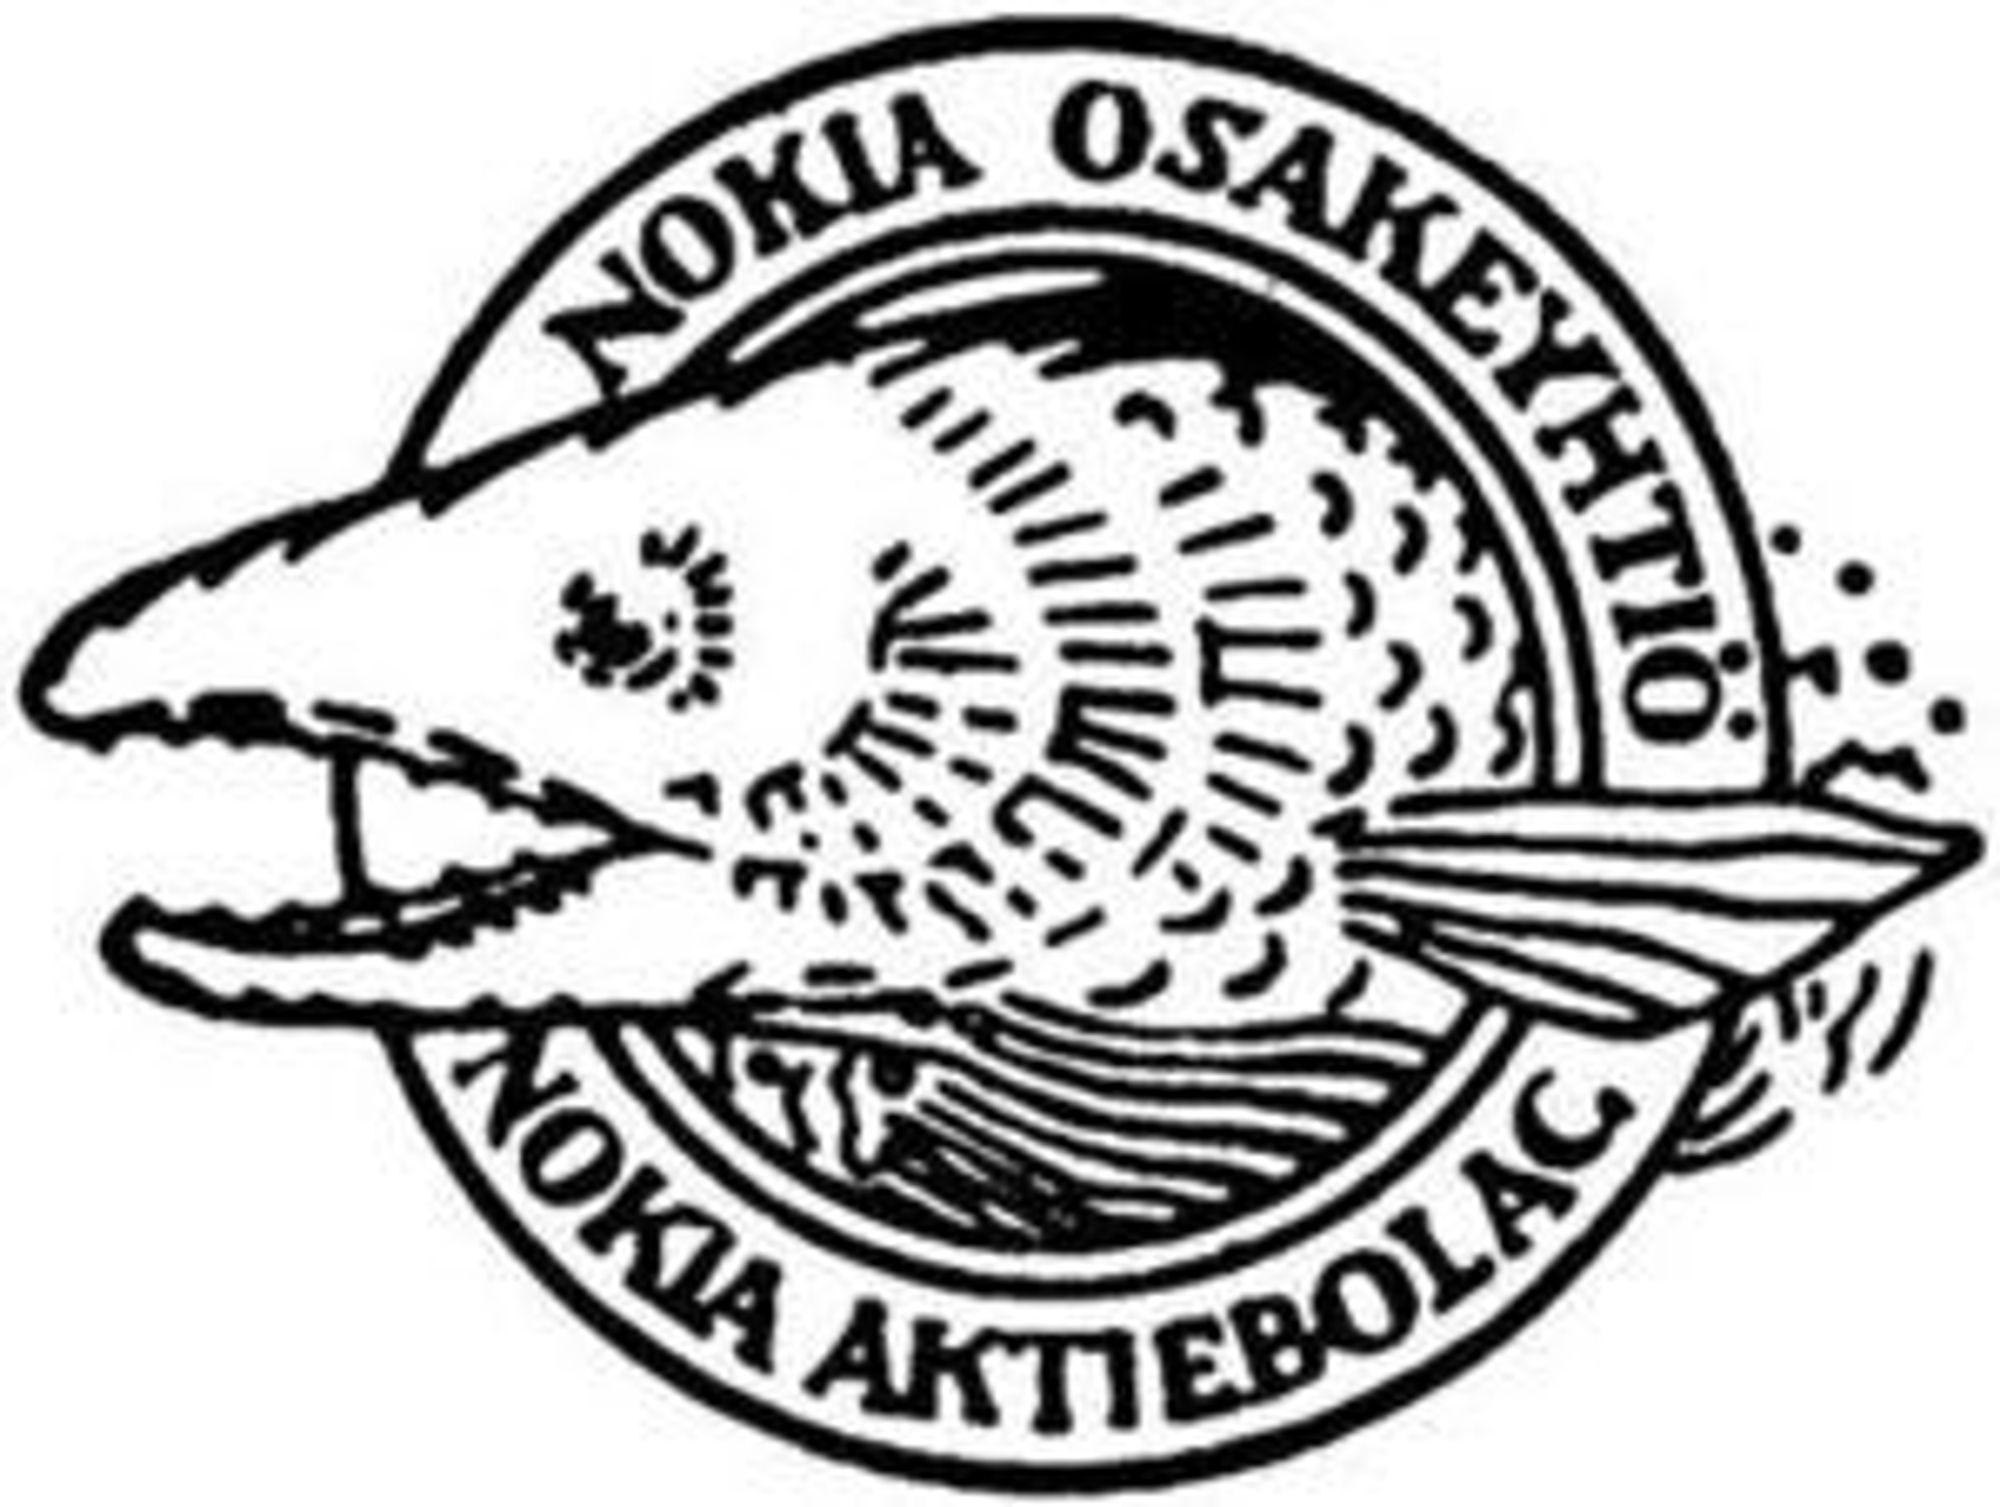 Nokia startet som cellulosefabrikk i 1865. Dette er selskapets første logo.